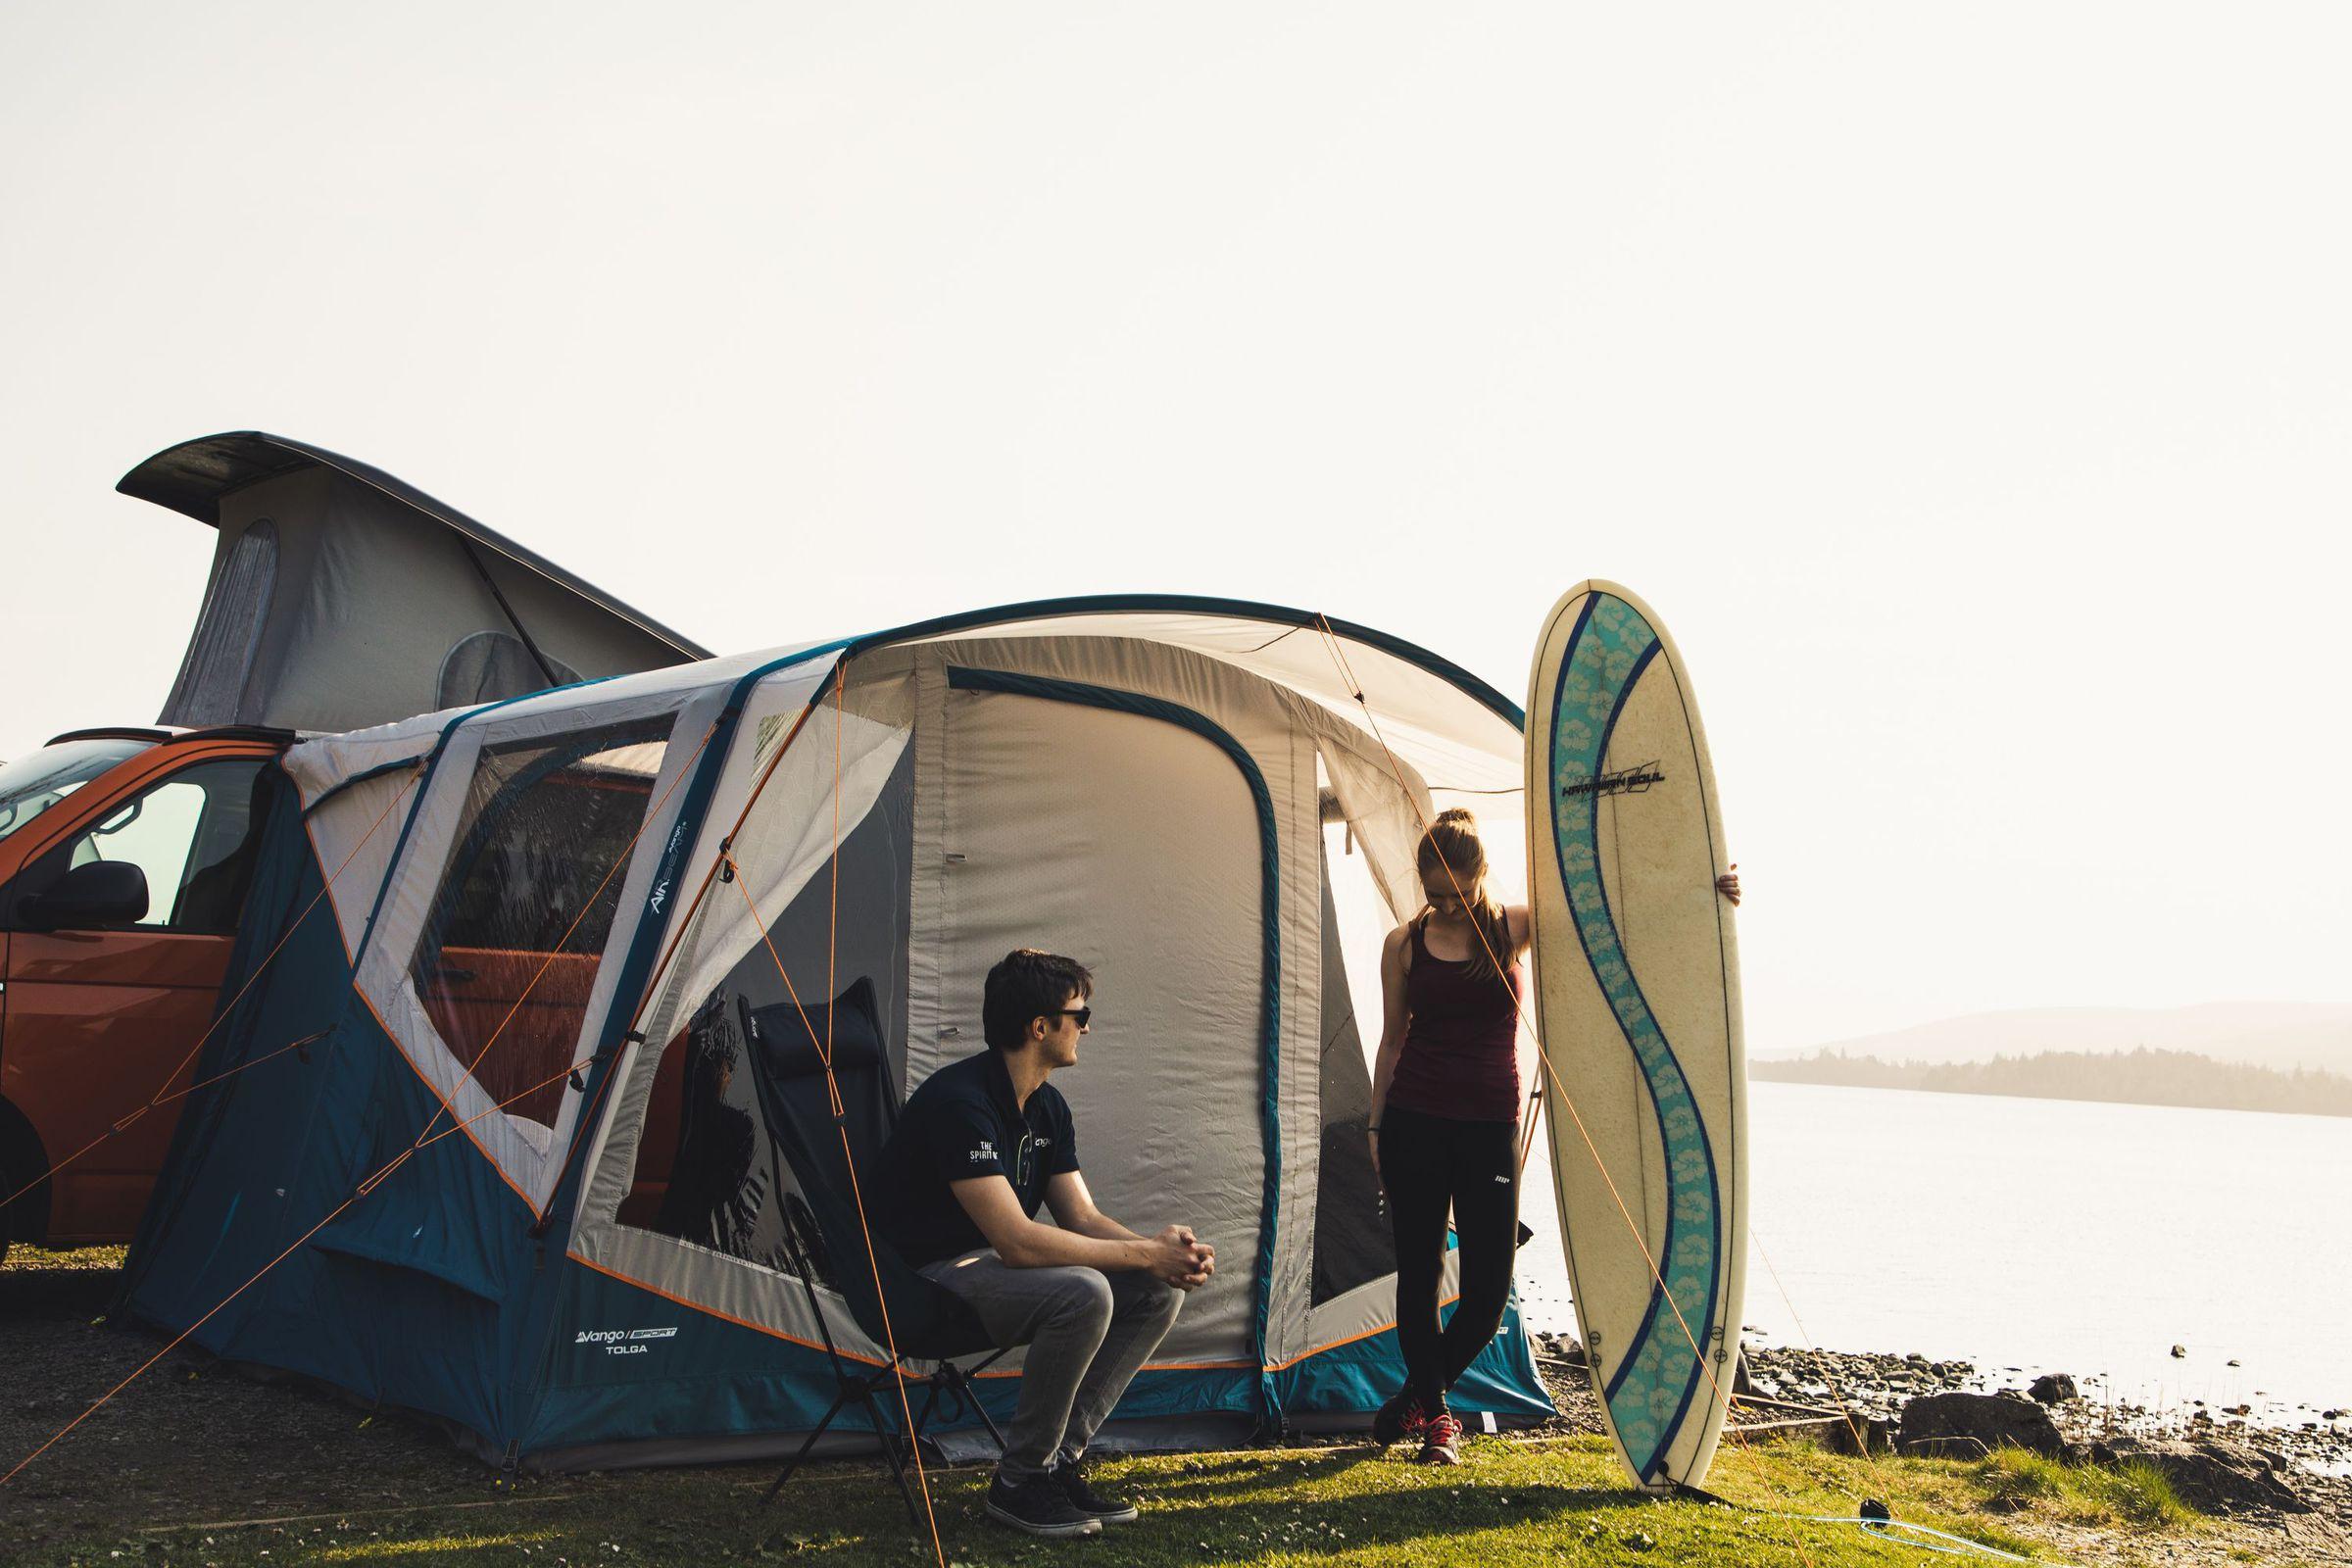 Vango Tolga Vw Low Driveaway Awning Norwich Camping7